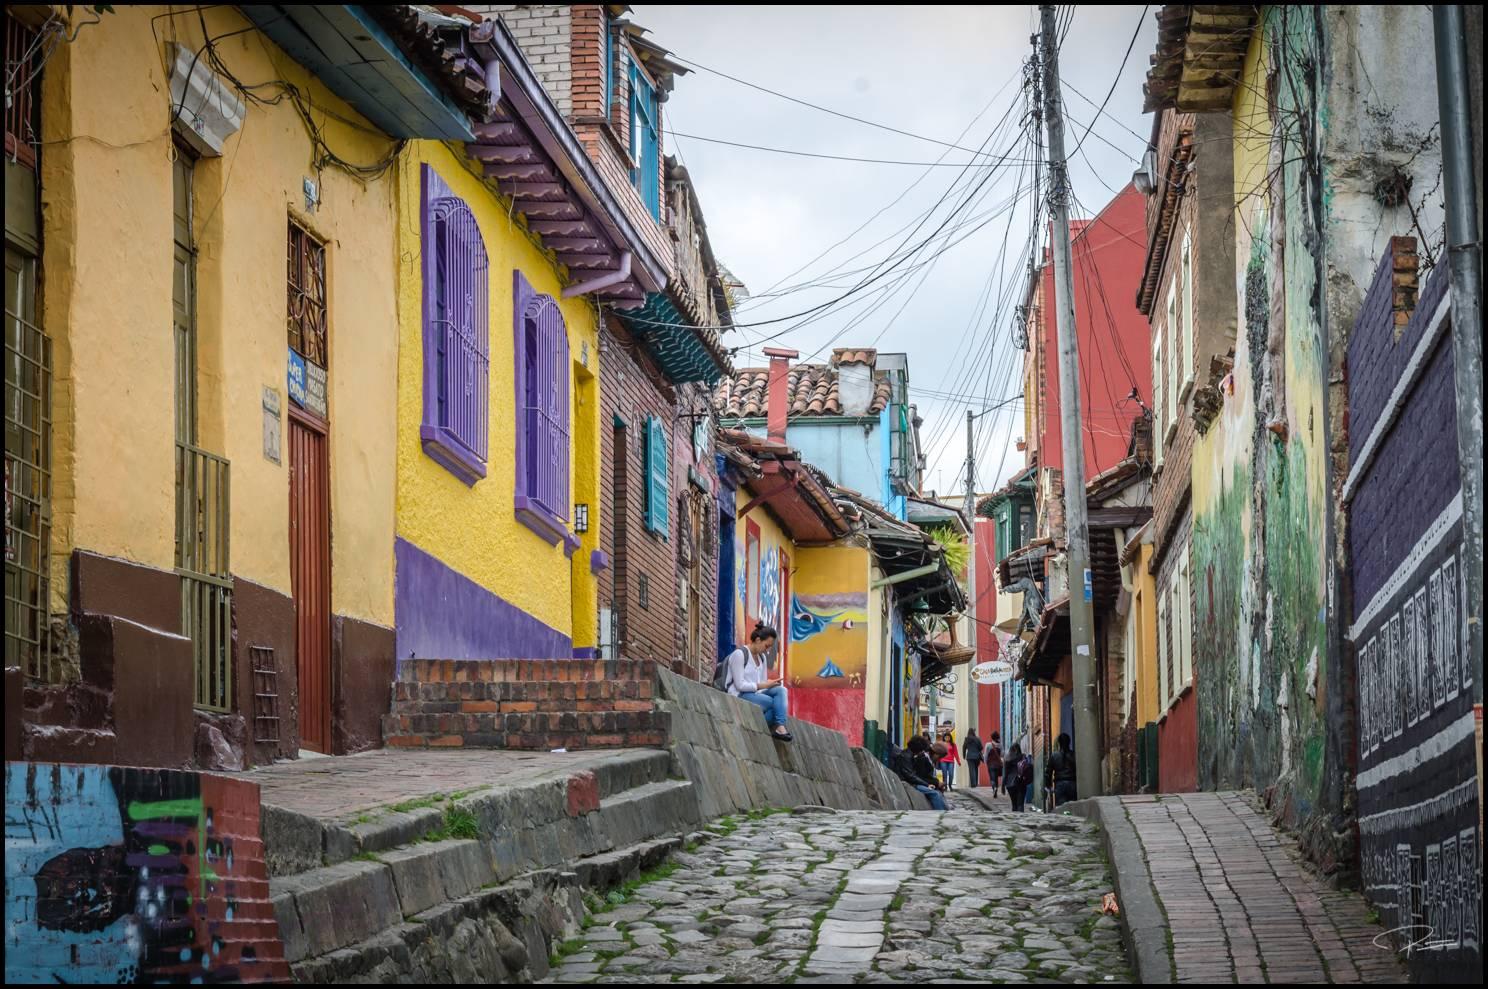 Bogota LaCandelaria 120923 PG 027